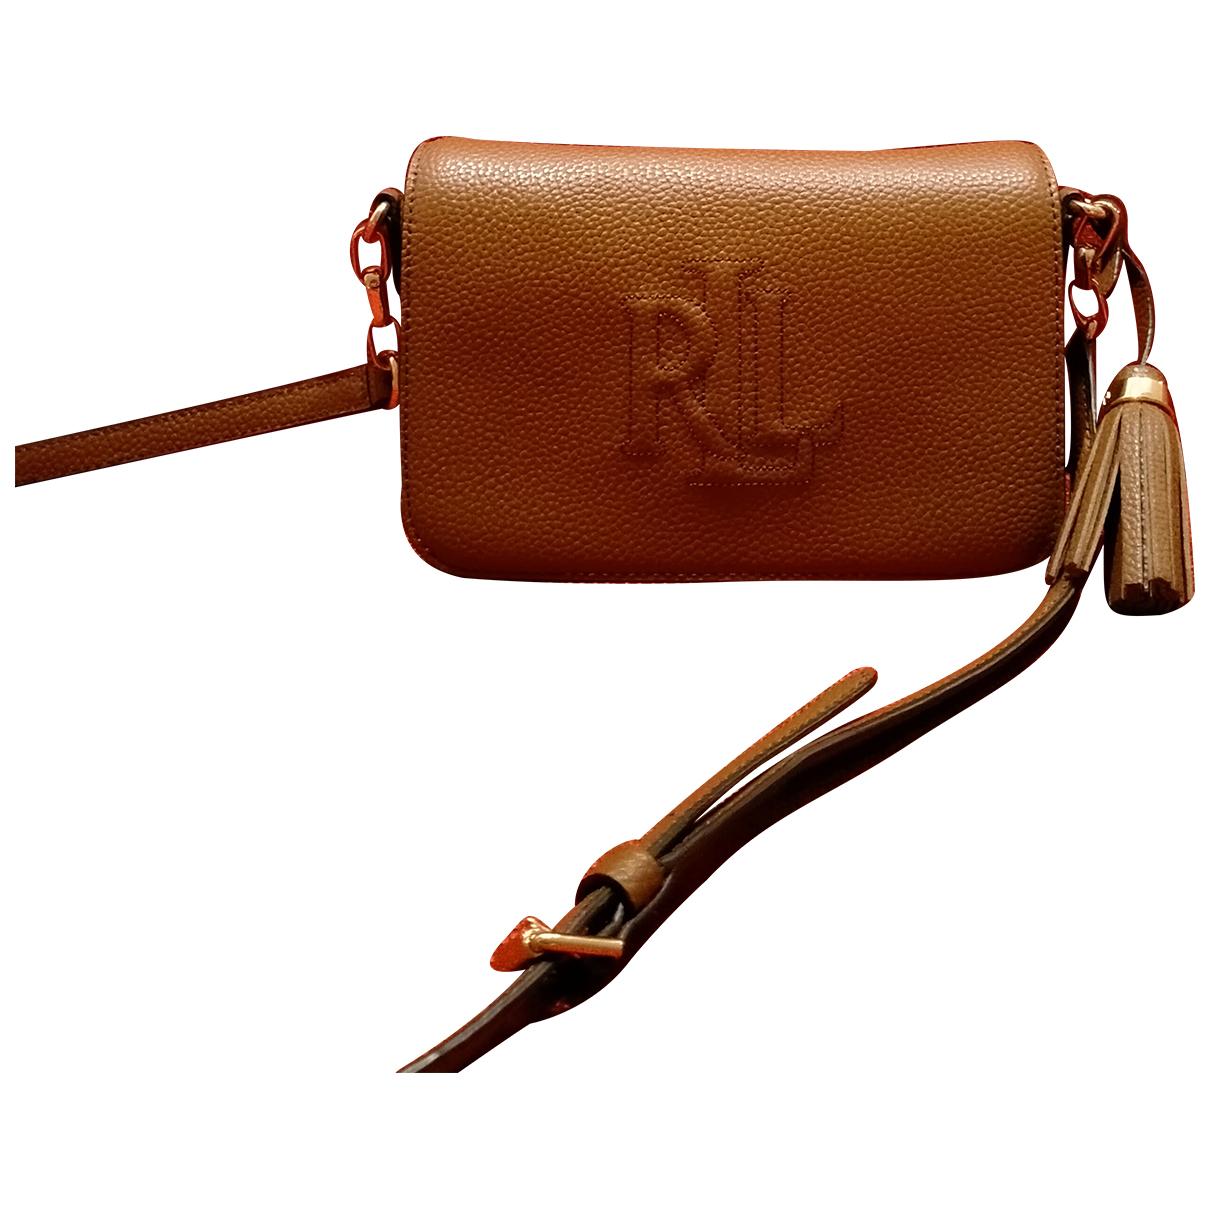 Lauren Ralph Lauren N Camel Leather Clutch bag for Women N